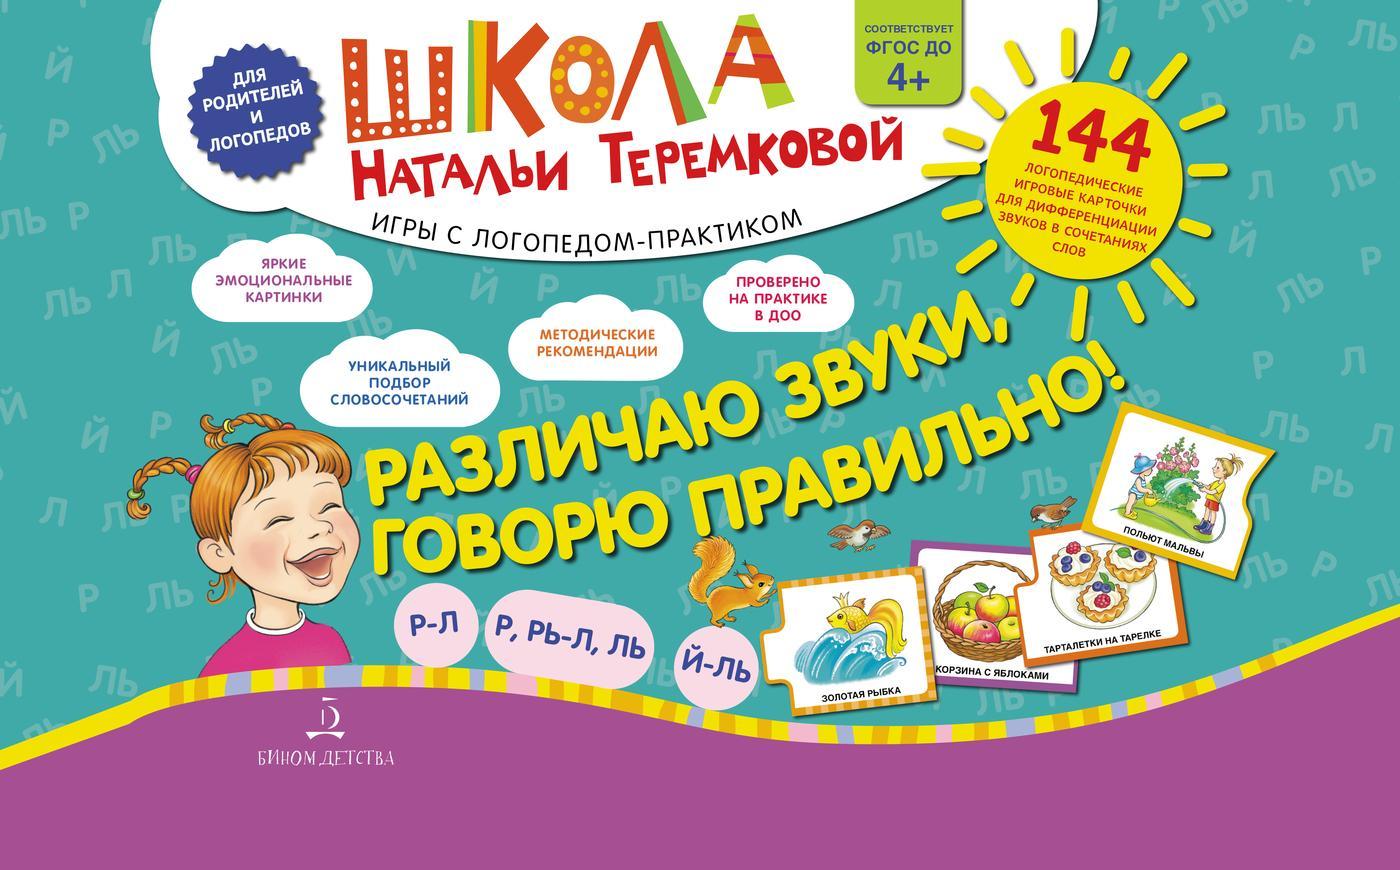 Razlichaju zvuki, govorju pravilno! R-L, R-R, L-L, L-J  | Teremkova Natalja Ernestovna